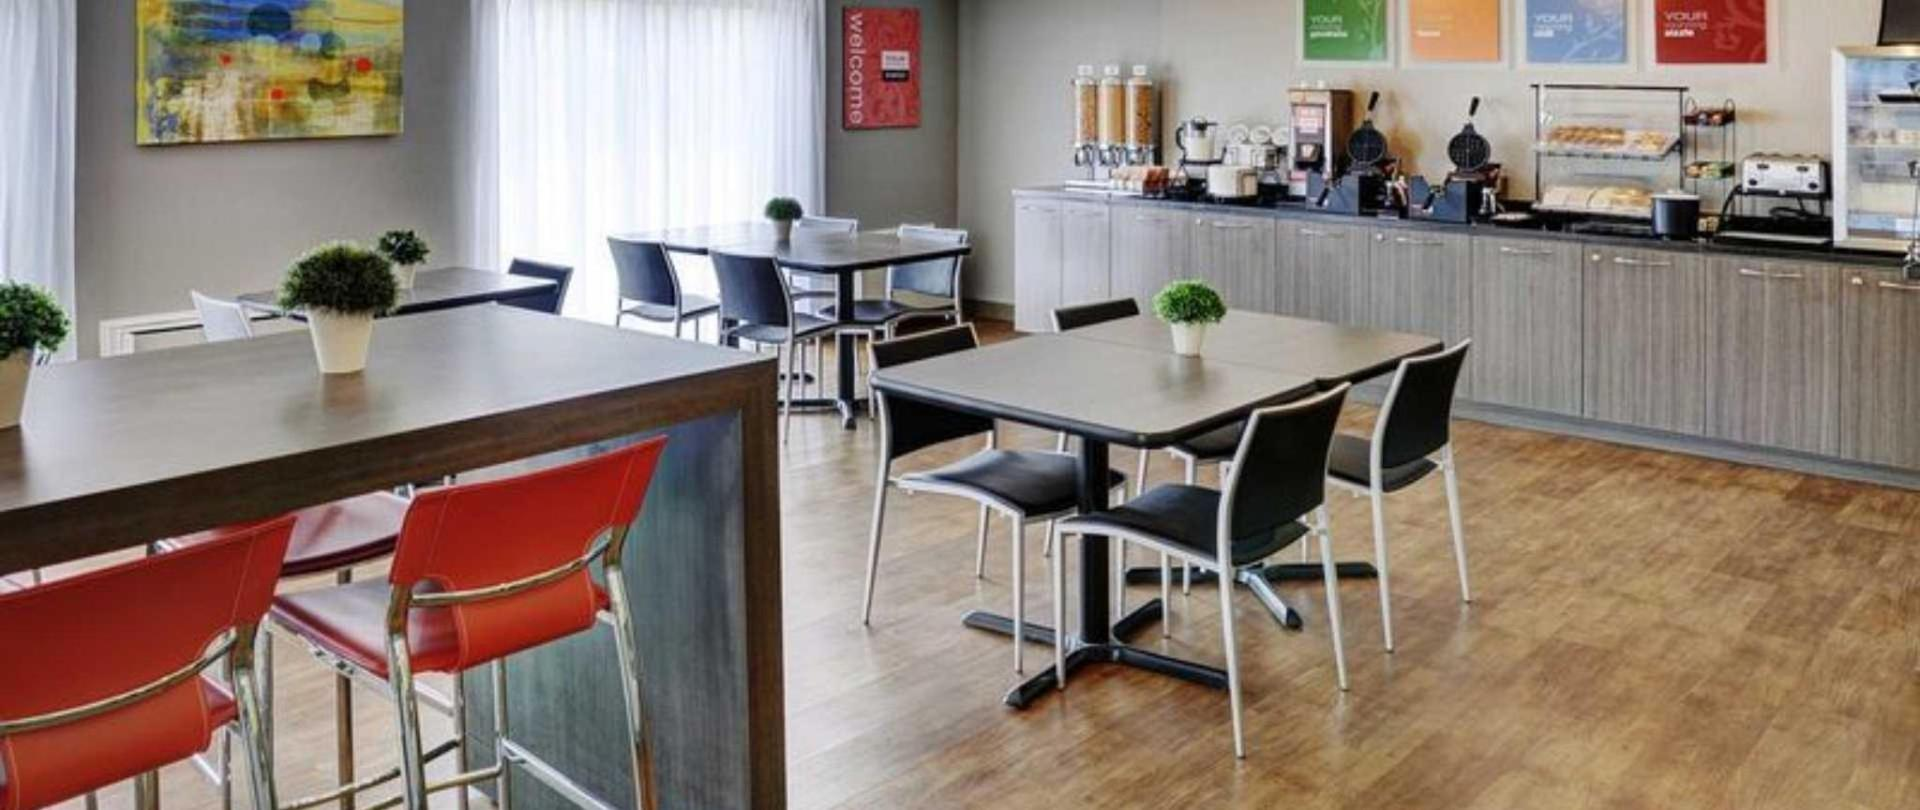 breakfast-room-2.jpg.1920x810_default.jpeg